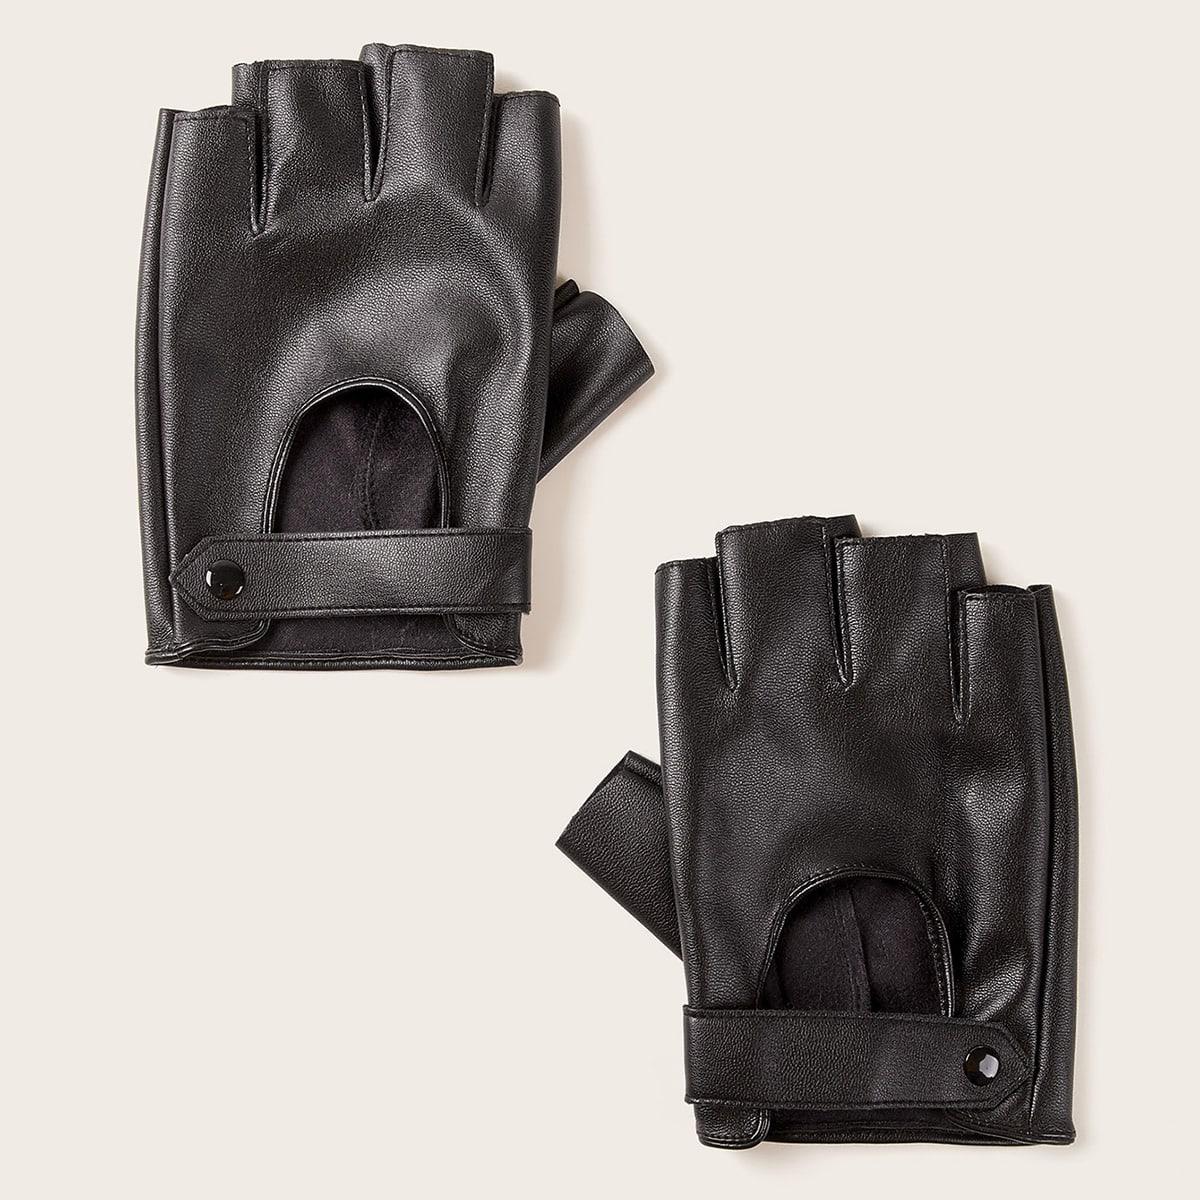 Männer Fingerlose Handschuhe 1 Paar